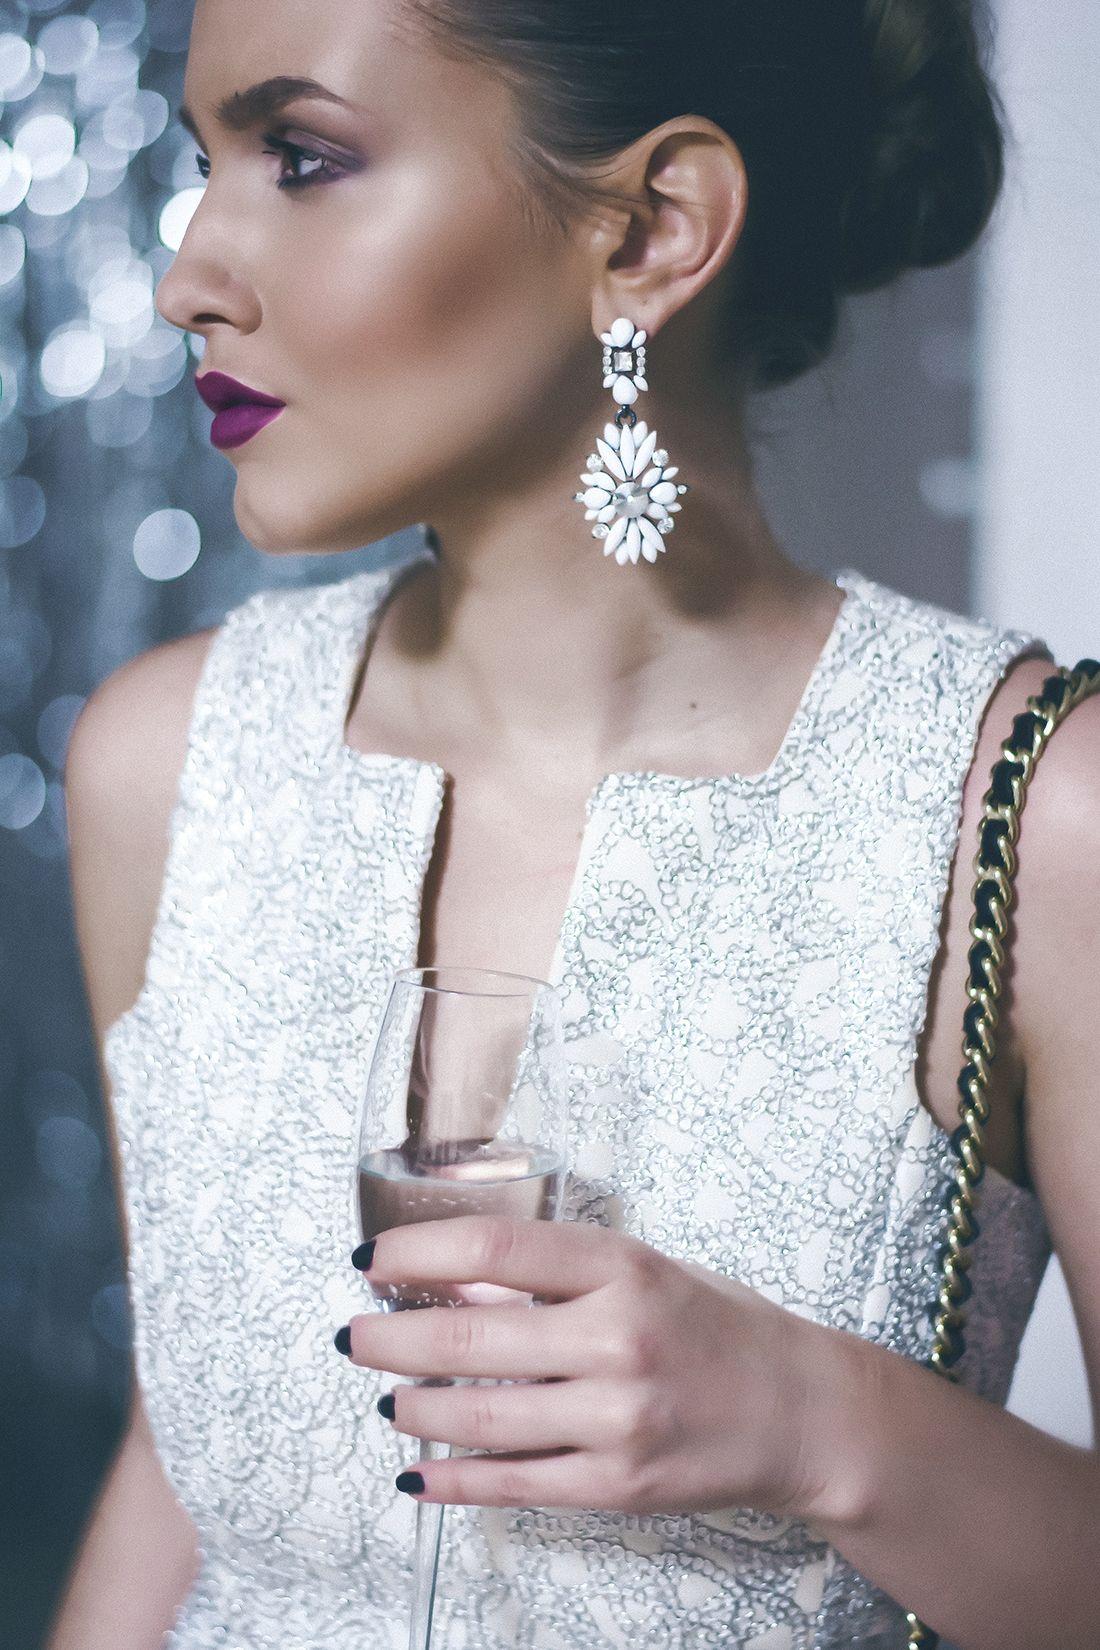 Silvester in weiß - die schönsten Partykleider  ::: EVENTS Party